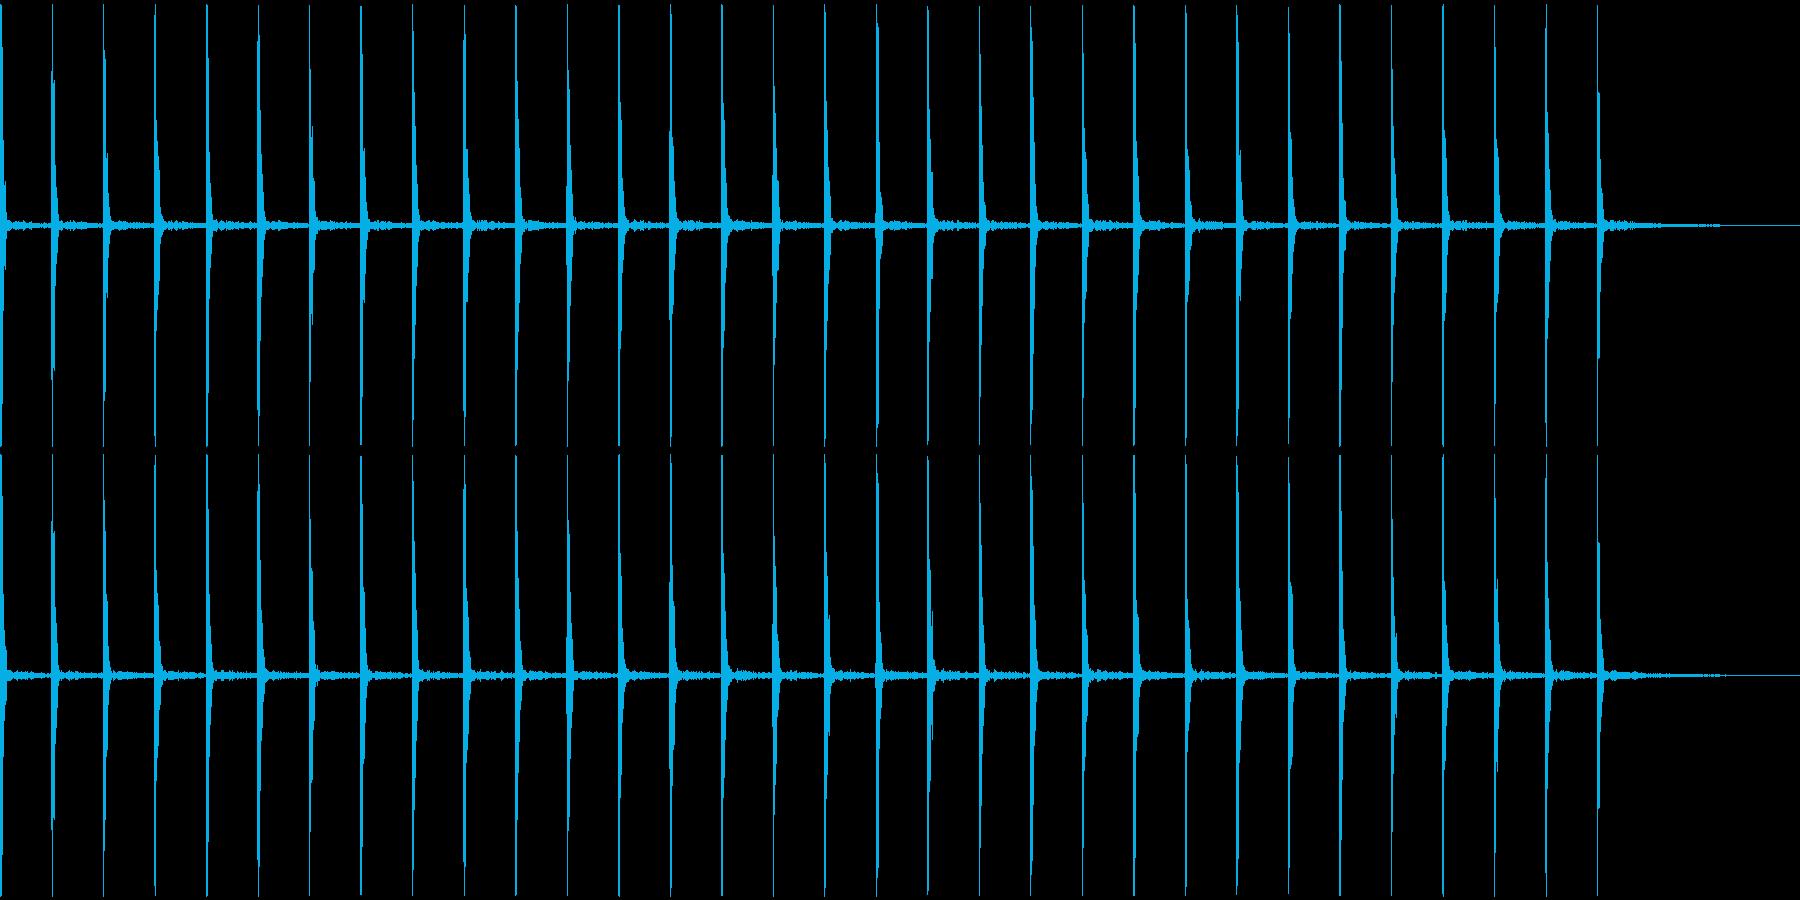 時計のカチカチ音の再生済みの波形